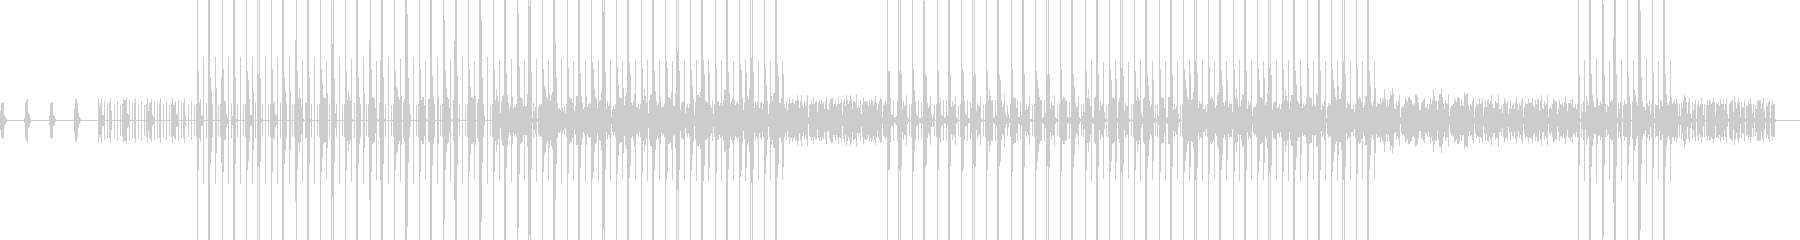 ブルージーなlo-fi風ビートです。の未再生の波形